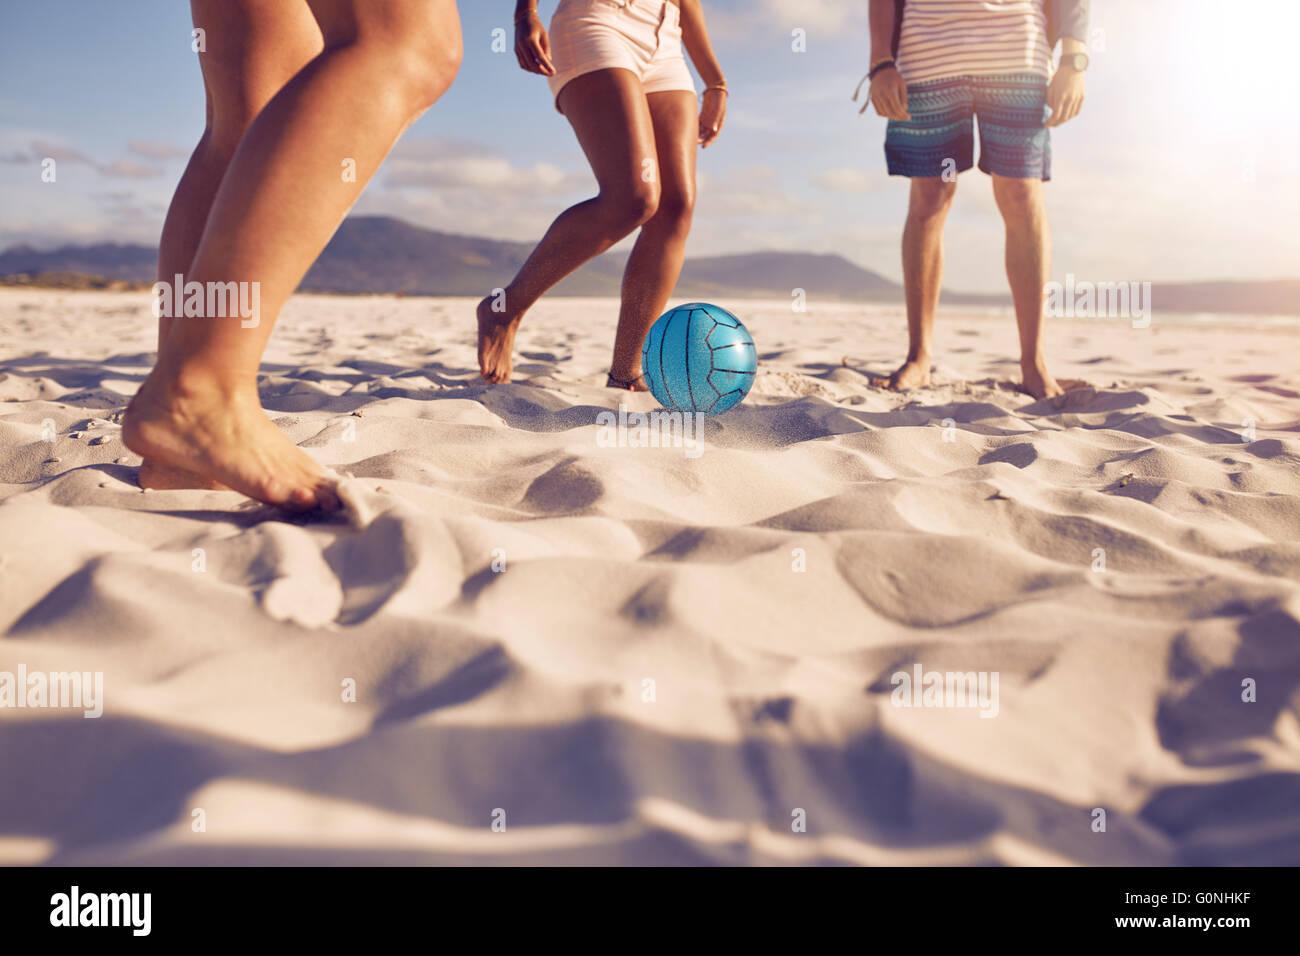 Niedrigen Bereich Porträt der Gruppe von Freunden Fußball spielen am Strand. eine Mädchen gibt den Stockbild